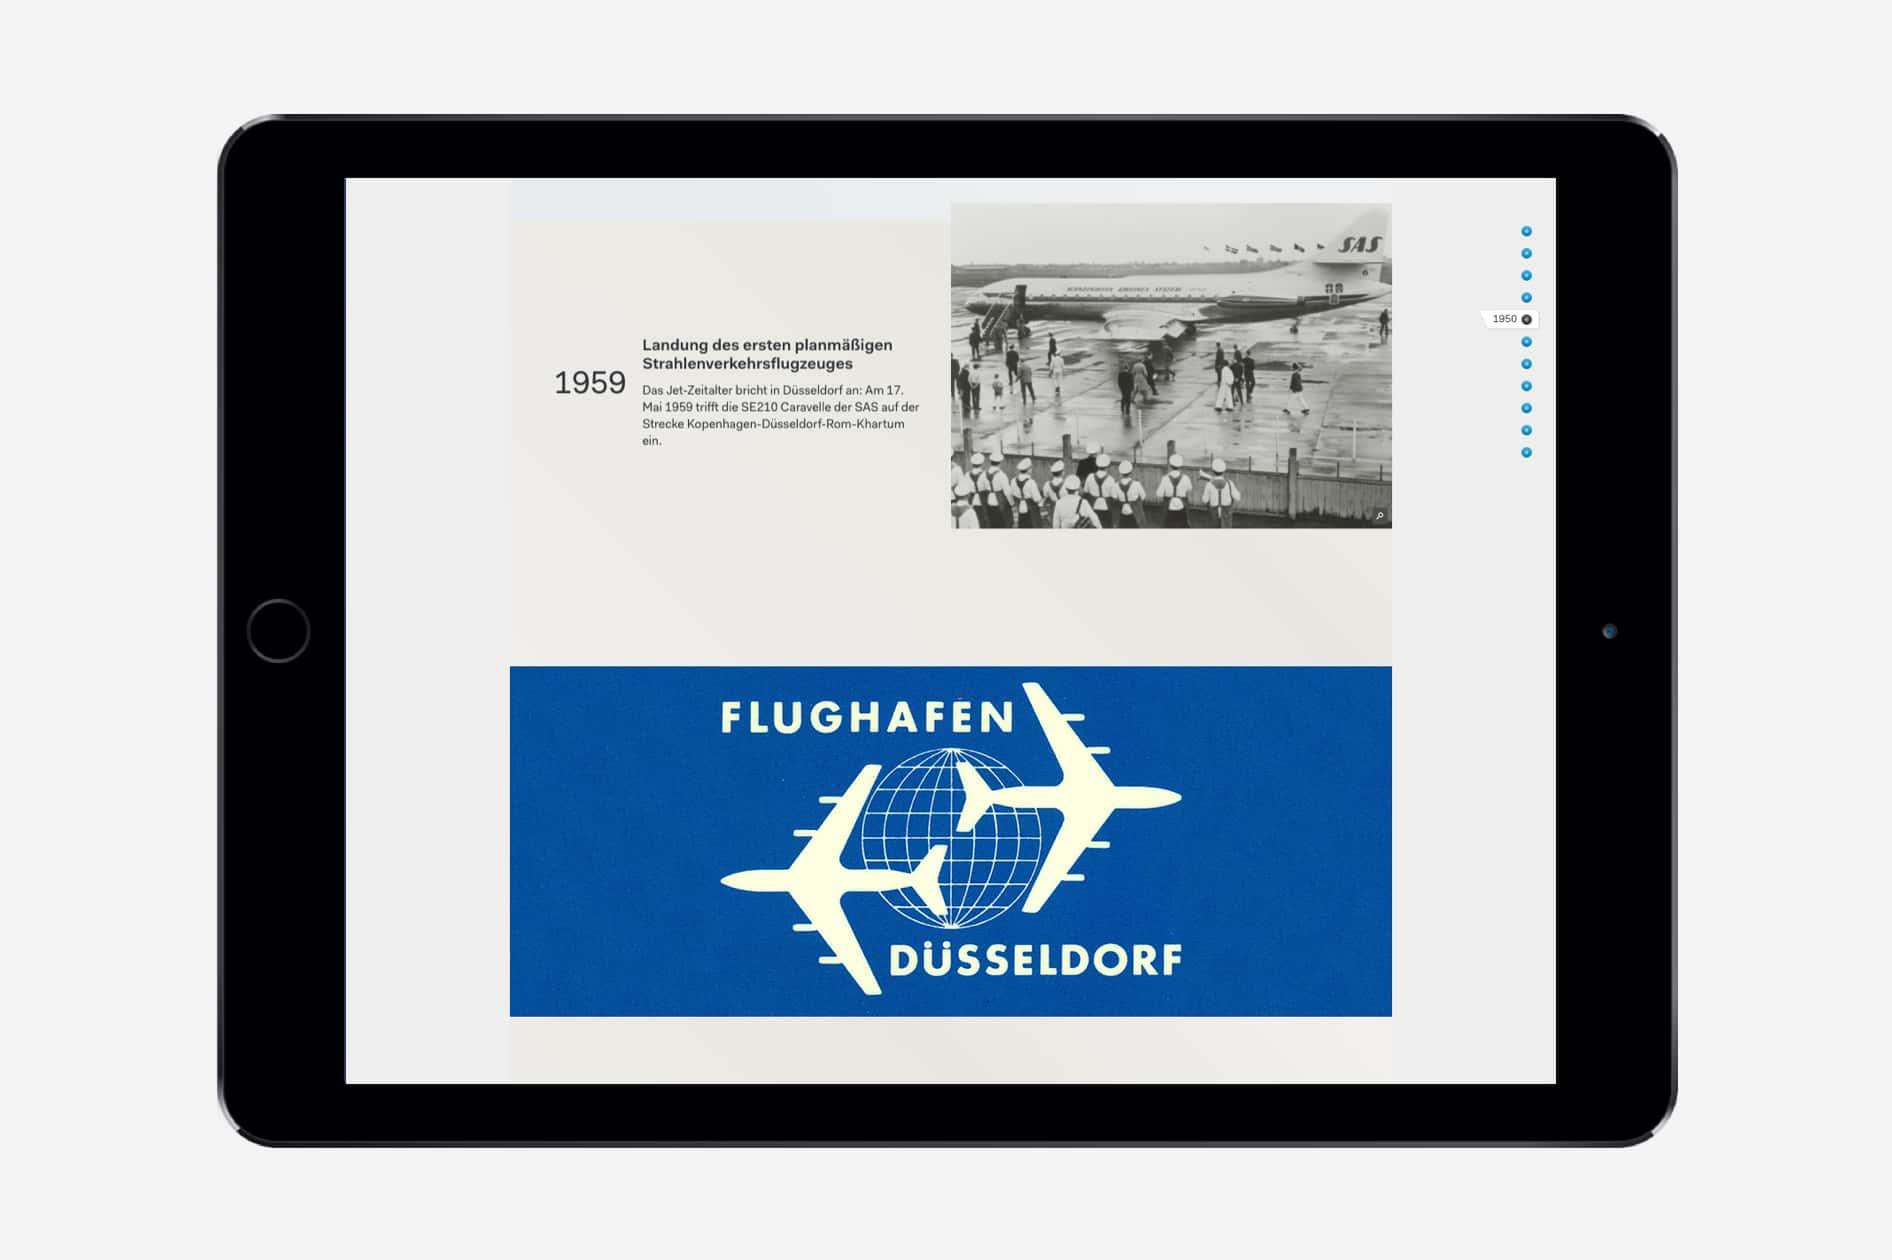 Flughafen Düsseldorf (Tablet)